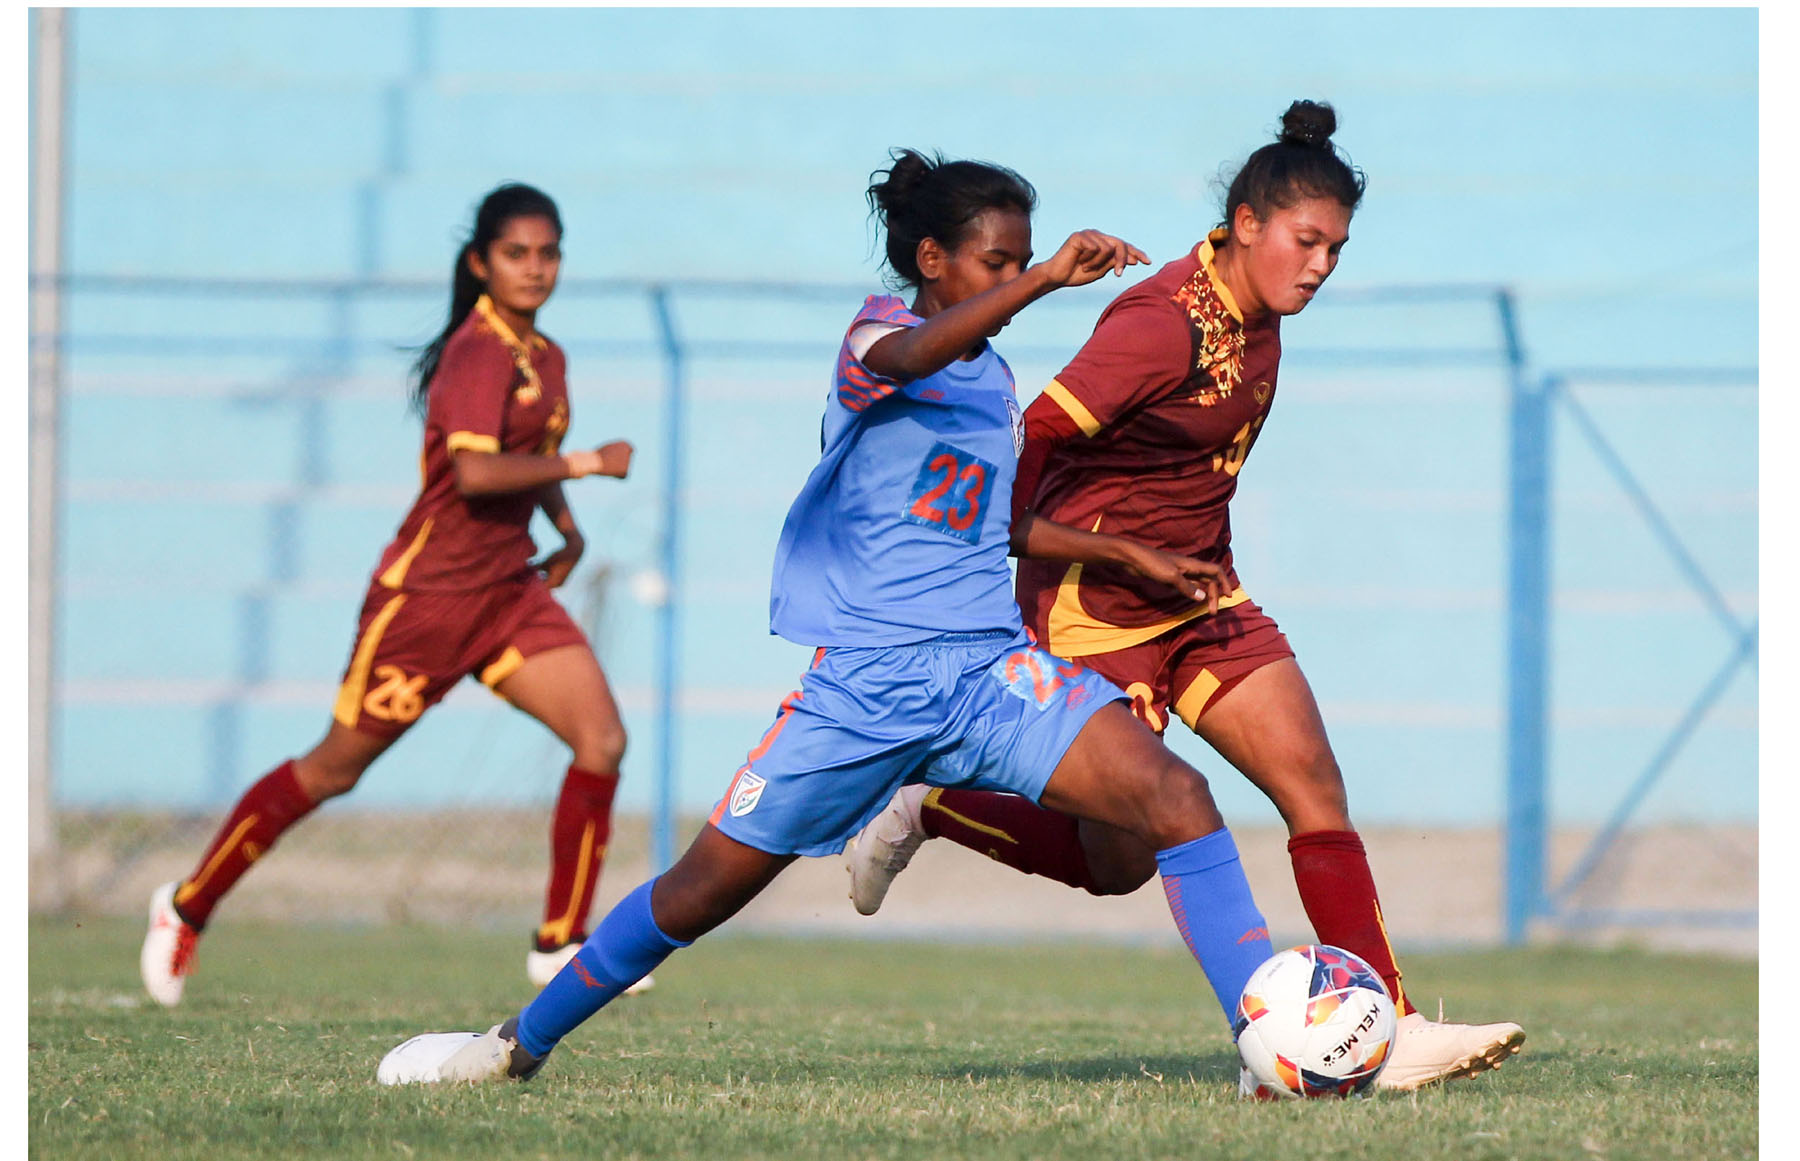 साफ महिला फुटबलमा भारत विजयी, श्रीलङ्का ५–० ले पराजित